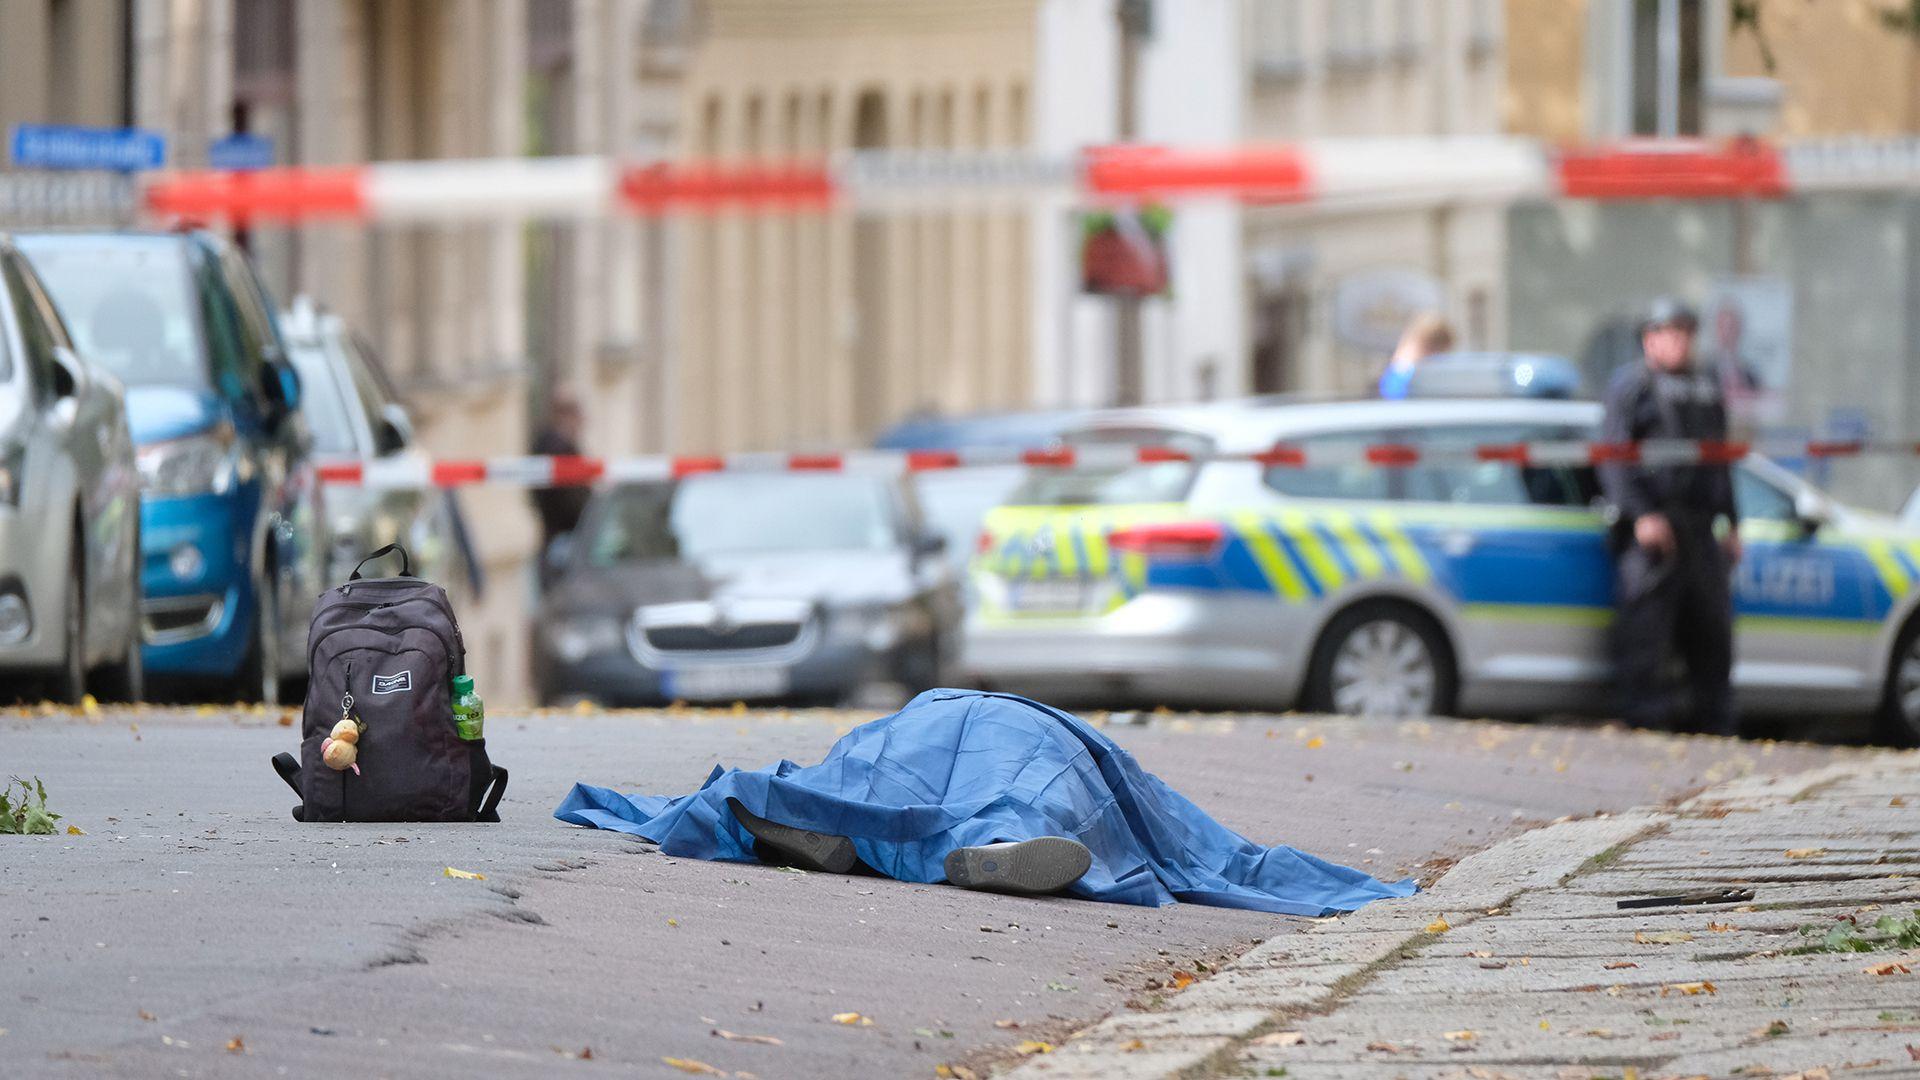 El hecho ocurrió en plena calle, frente a una sinagoga